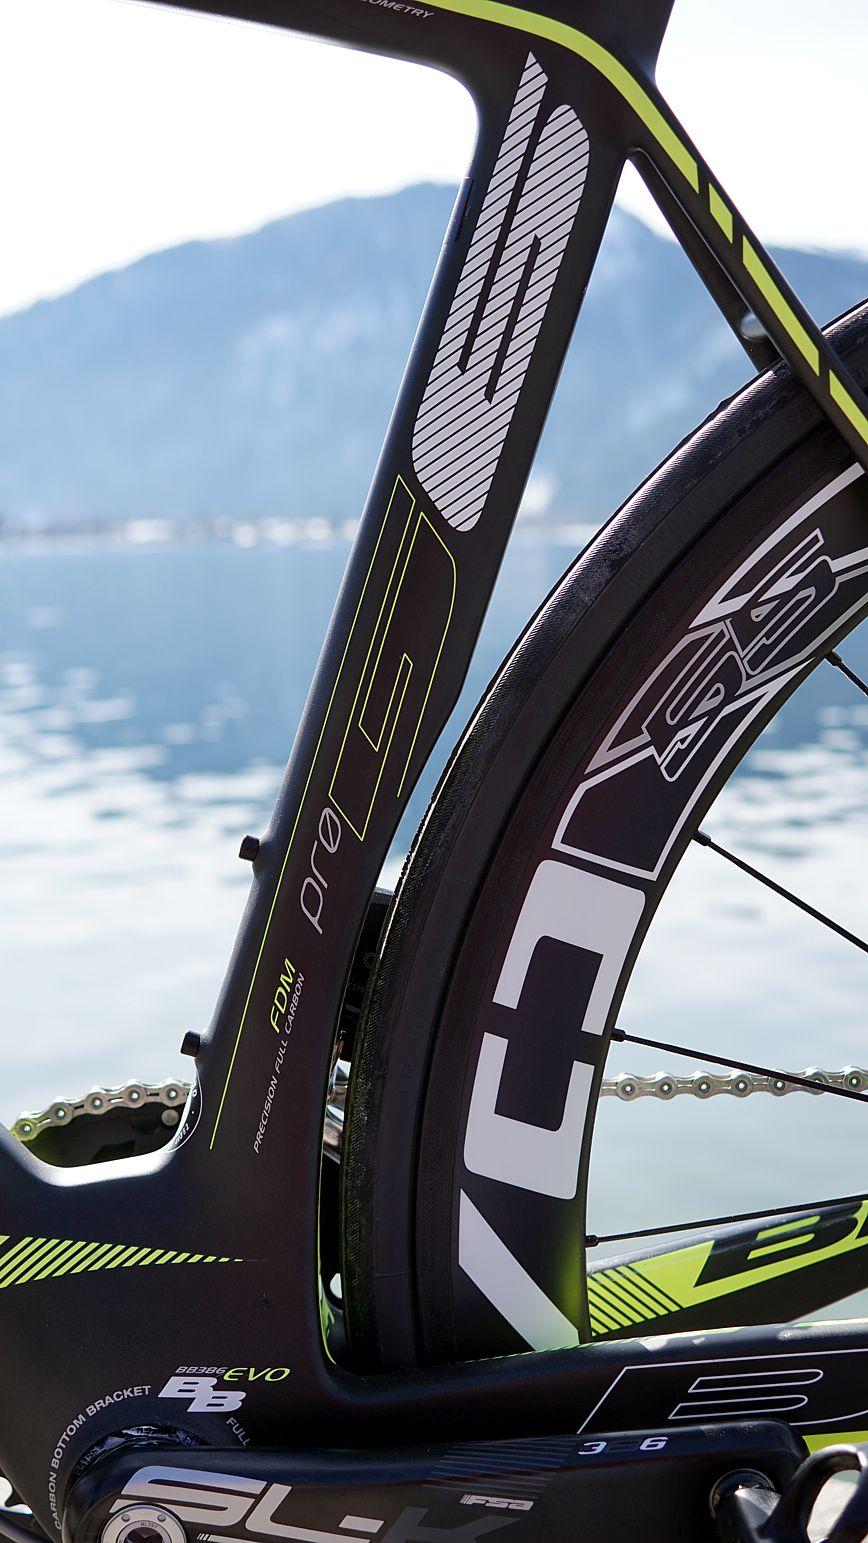 Das Sattelrohr schmiegt sich aerodynamisch günstig an das hintere Laufrad und verjüngt sich in Richtung Tretlager.